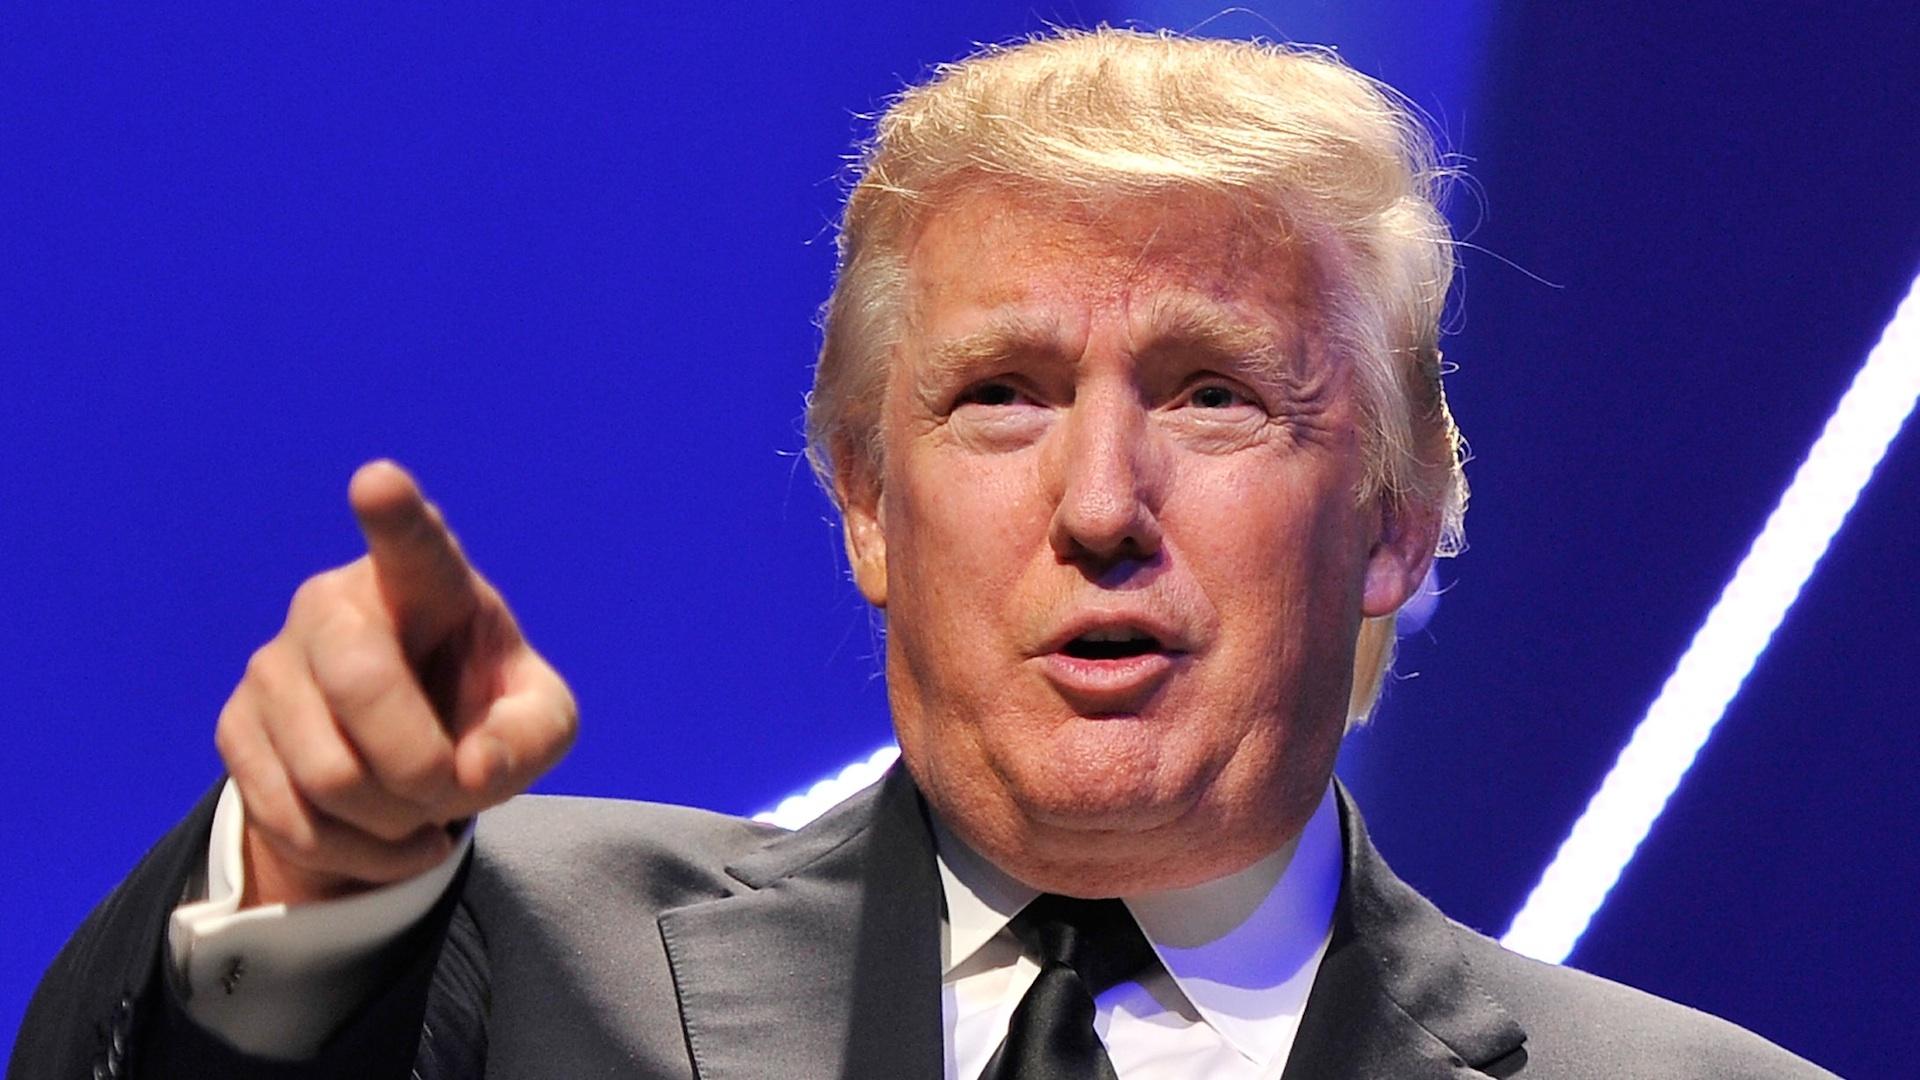 Donald Trump wallpaper 1920x1080 62256 1920x1080